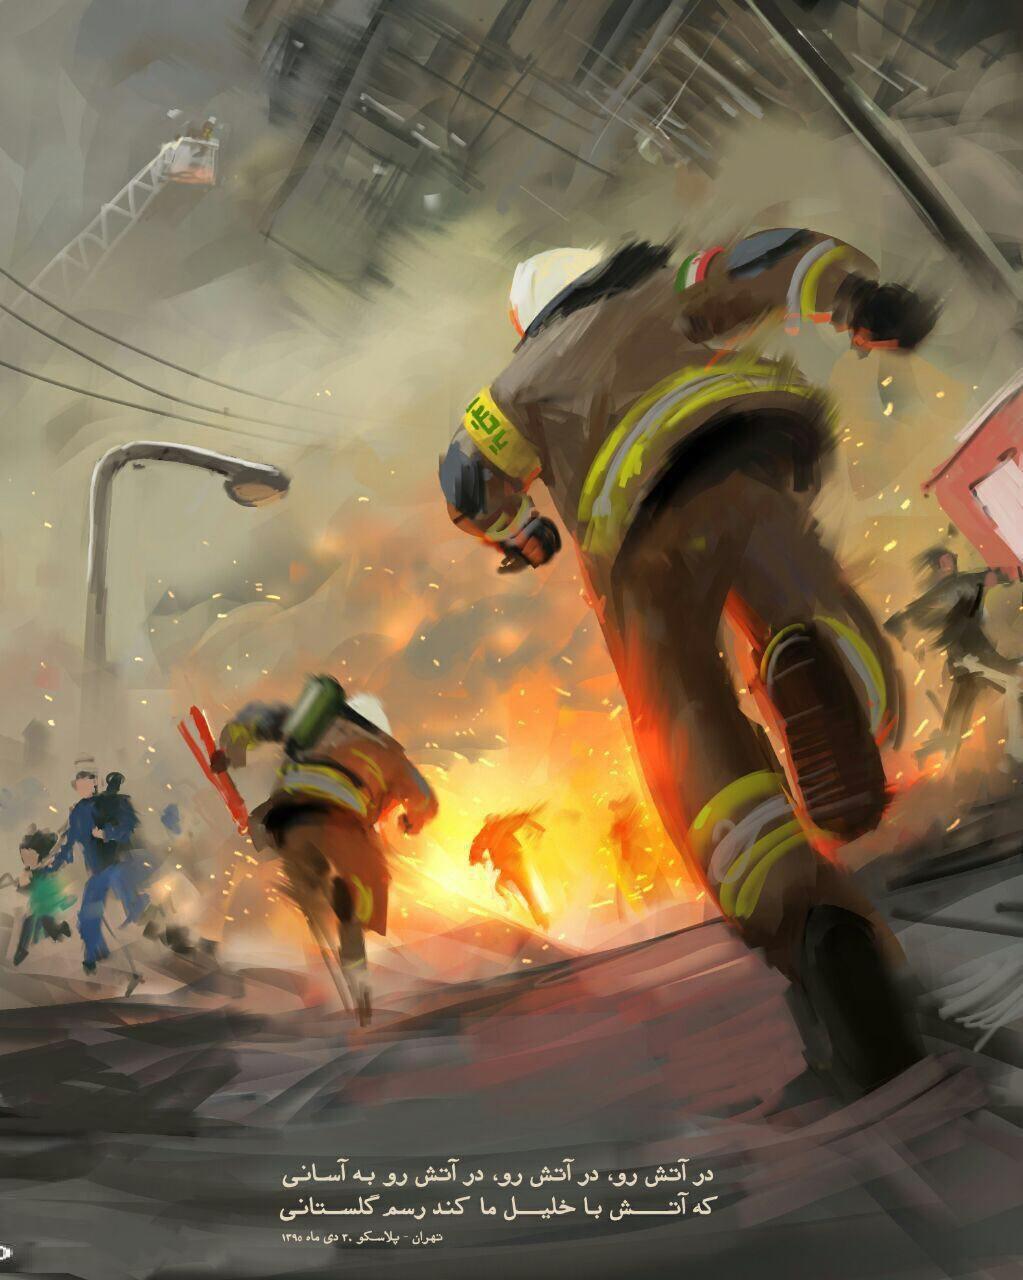 شعری زیبا درباره آتش نشانان حادثه پلاسکو